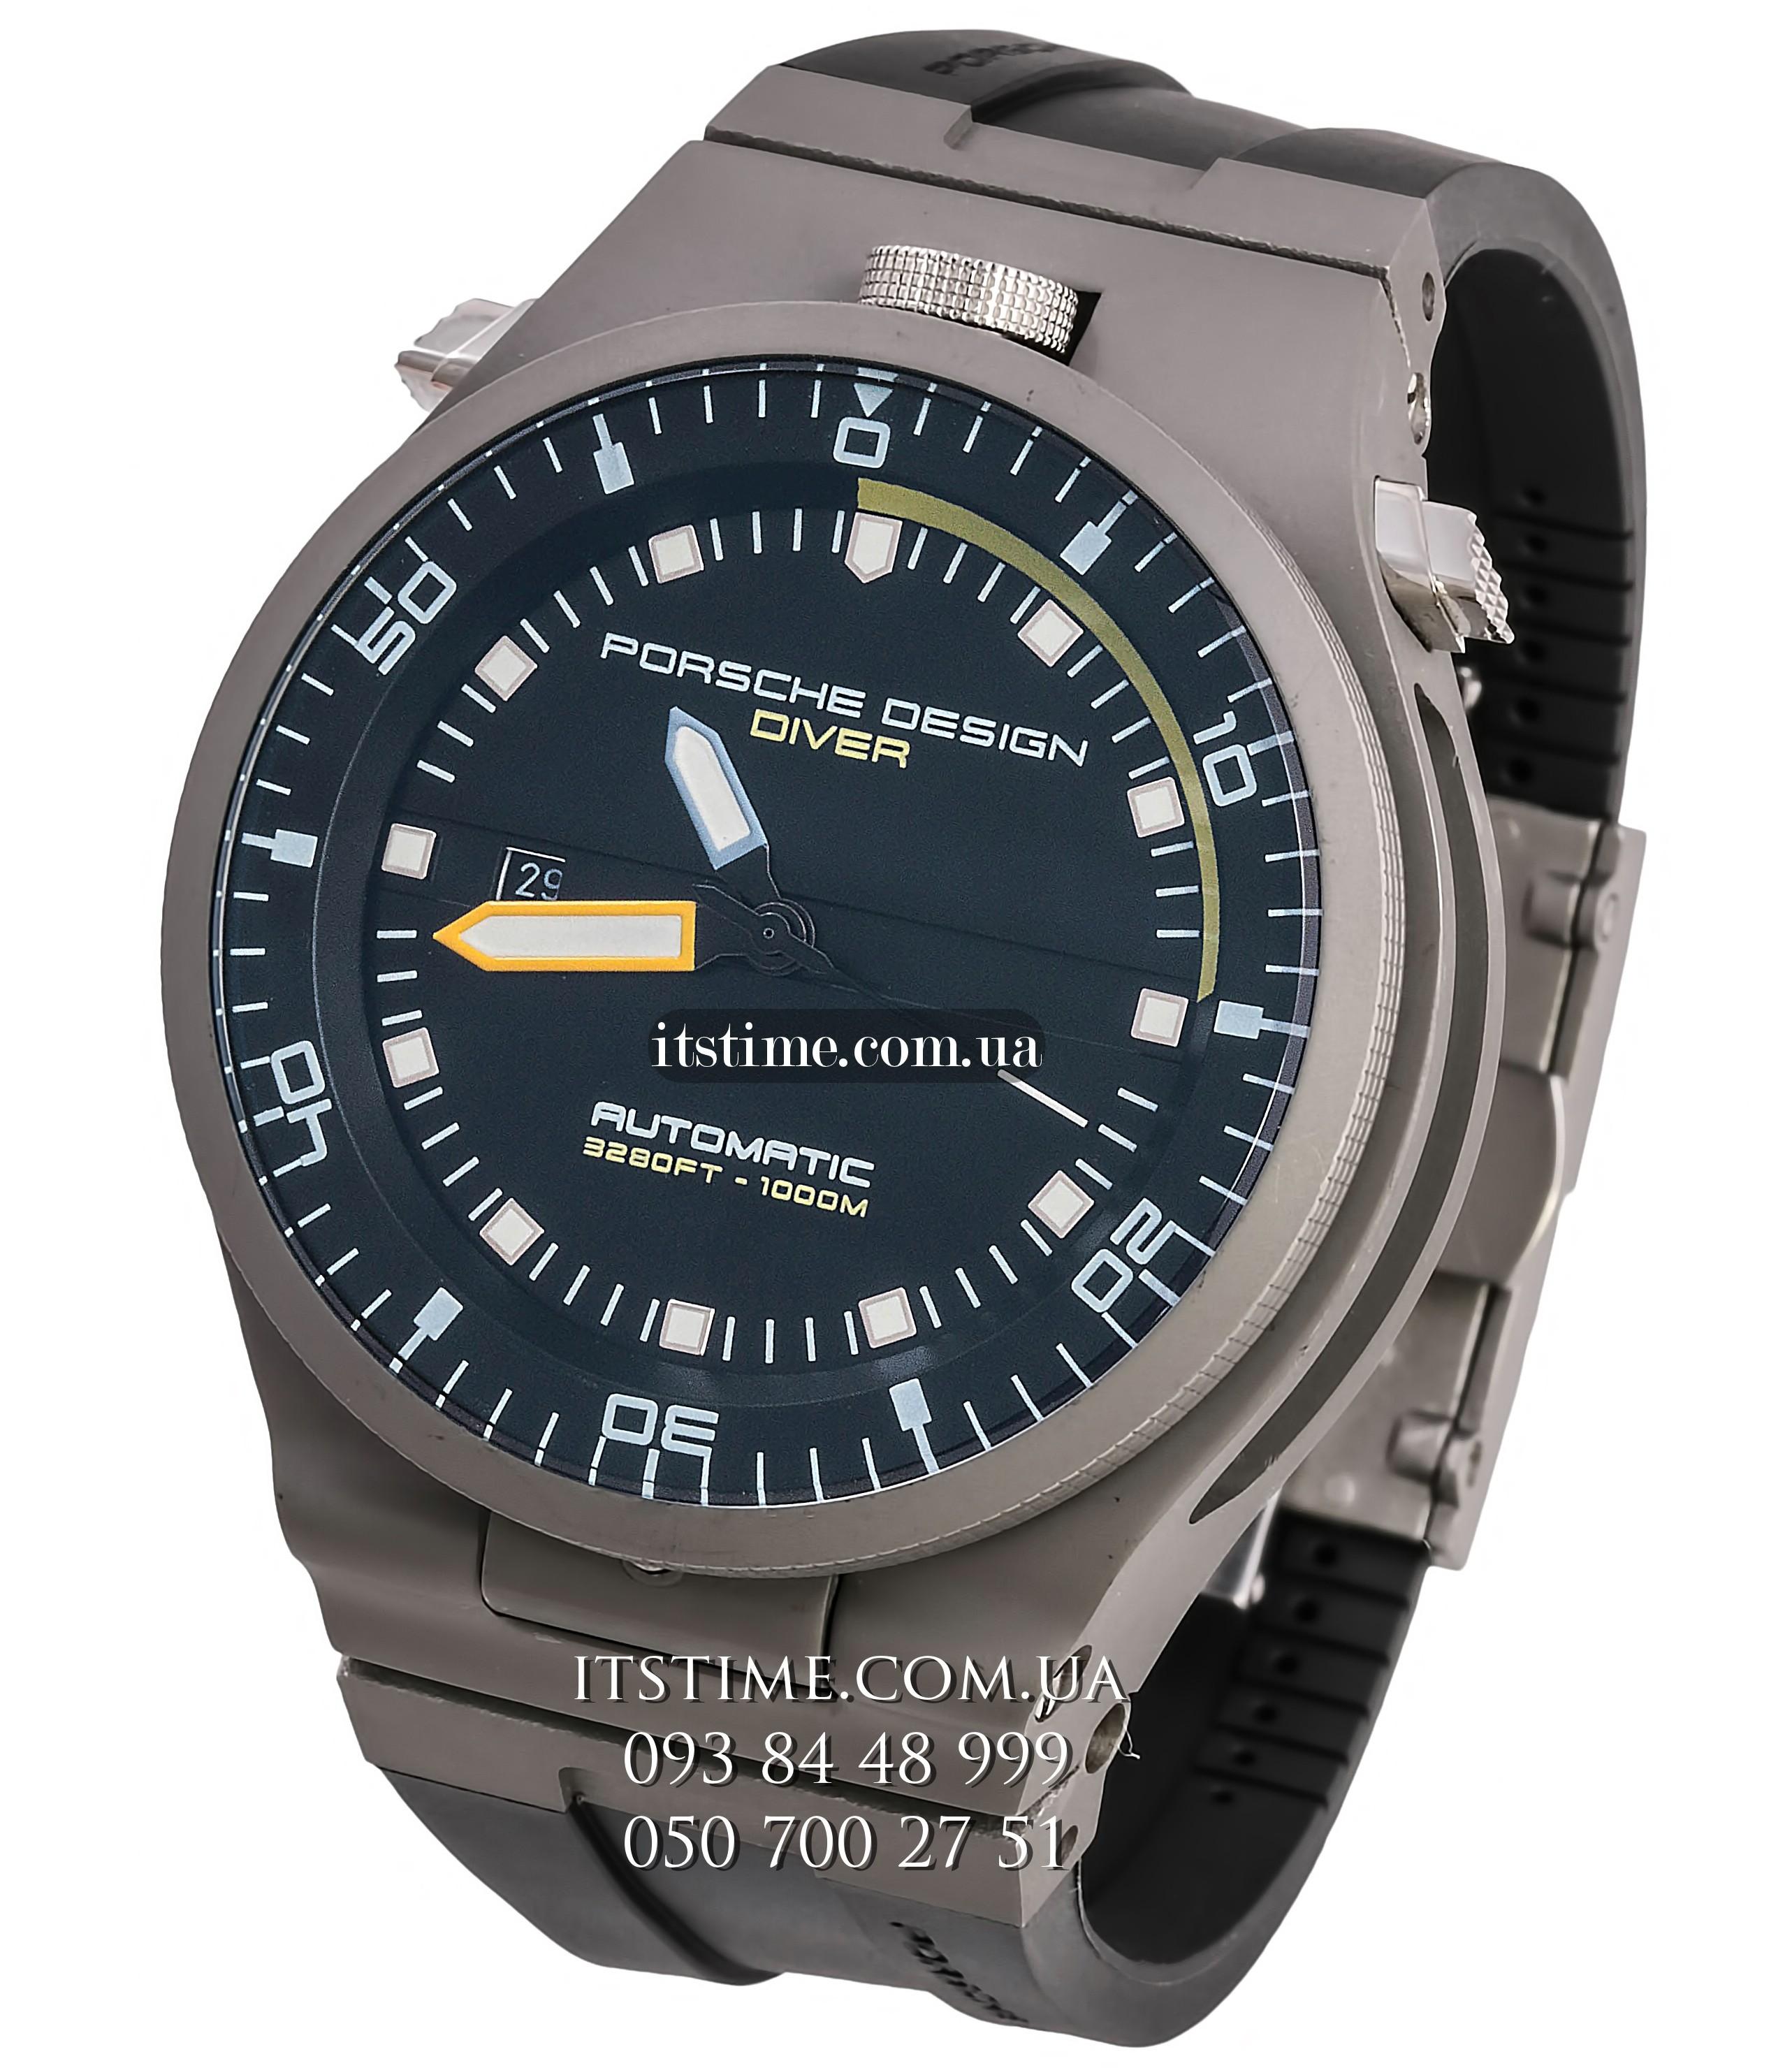 Porsche стоимость часы design часы продам эпл